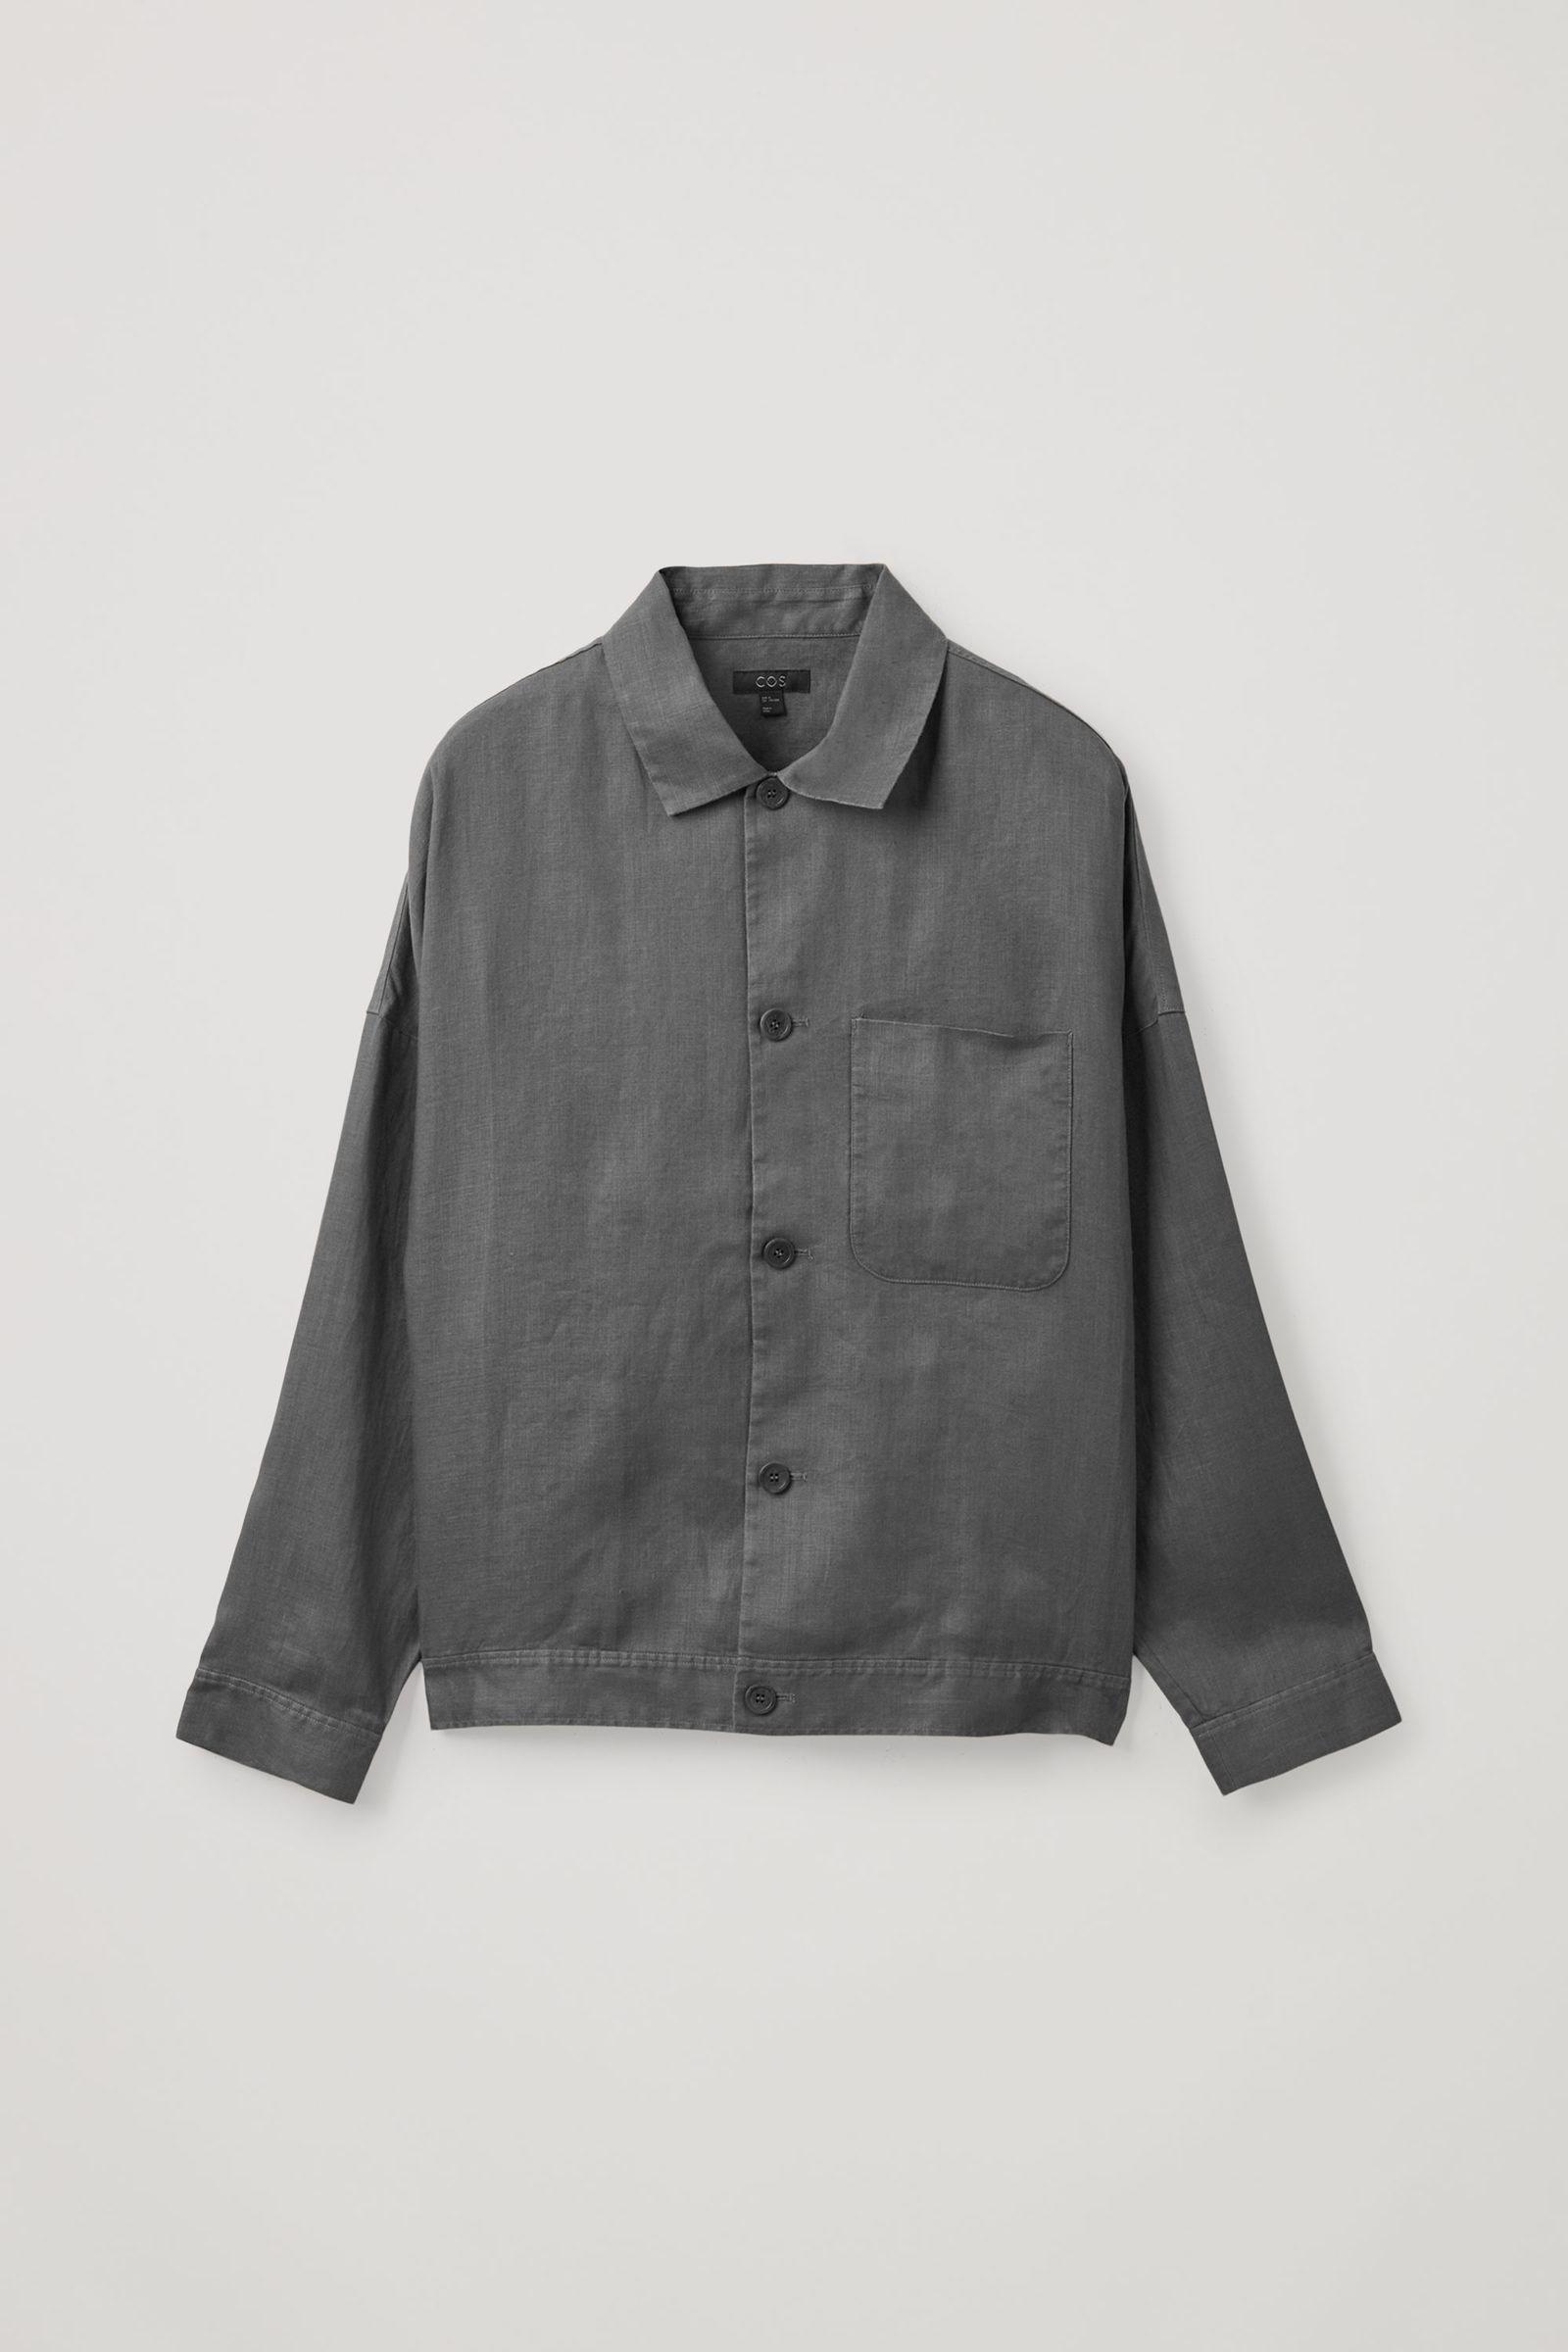 COS 헴프 워크웨어 스타일 재킷의 다크 그레이컬러 Product입니다.